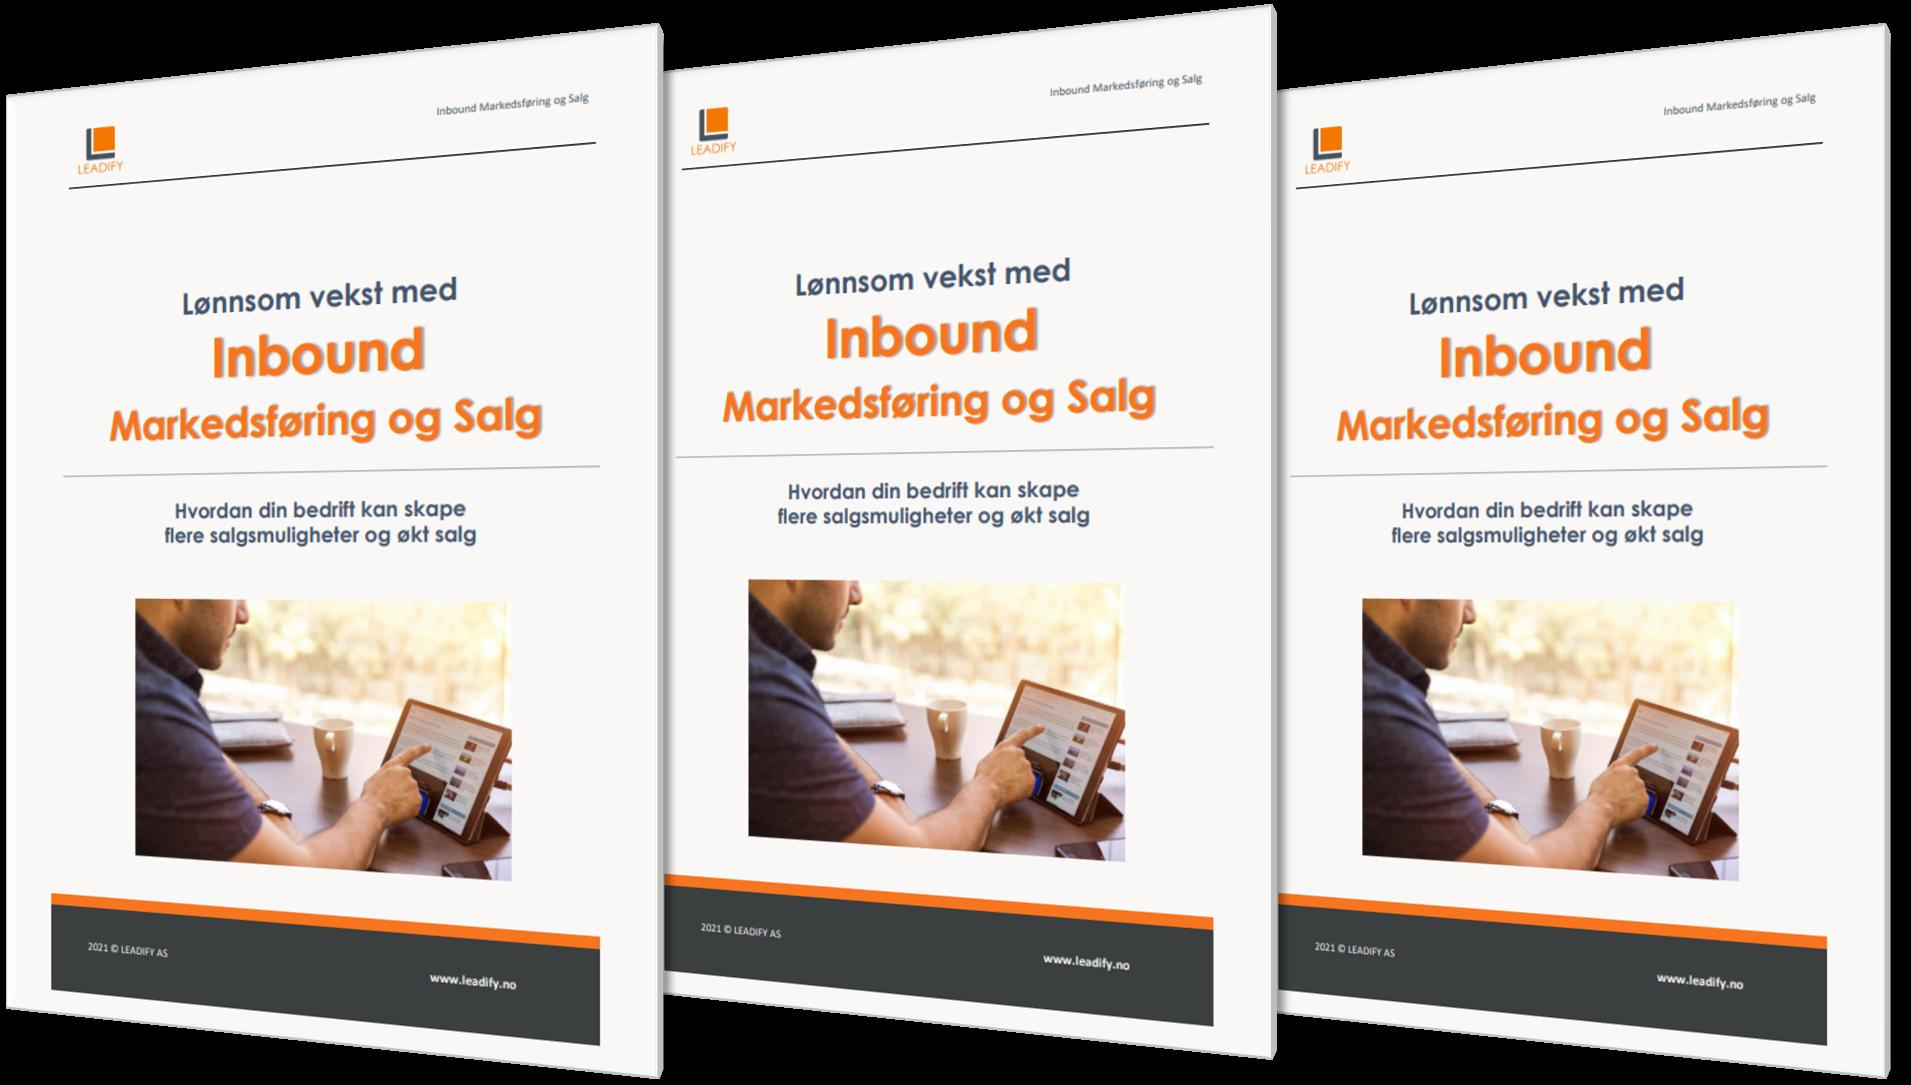 Inbound marketing og Salg